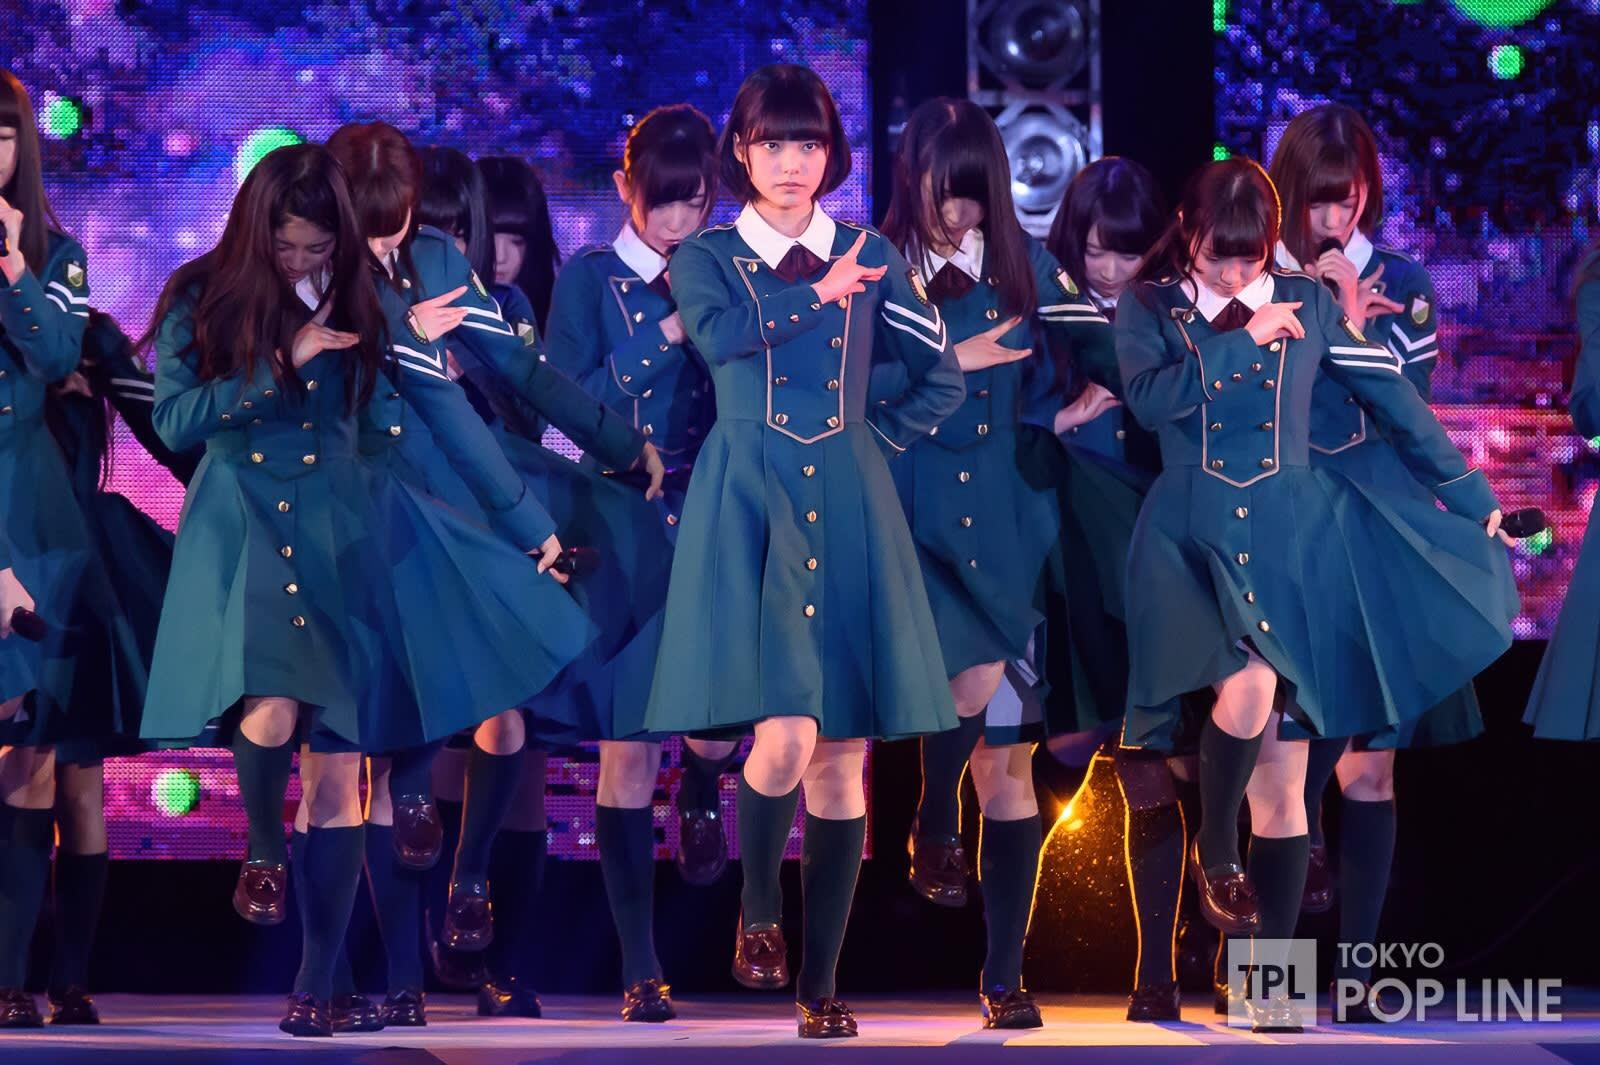 【動画像】 欅坂46のダンスが世界レベル 東京五輪開会式に決定と話題にwwwwwwwwww©2ch.net [829826275]YouTube動画>3本 ->画像>68枚